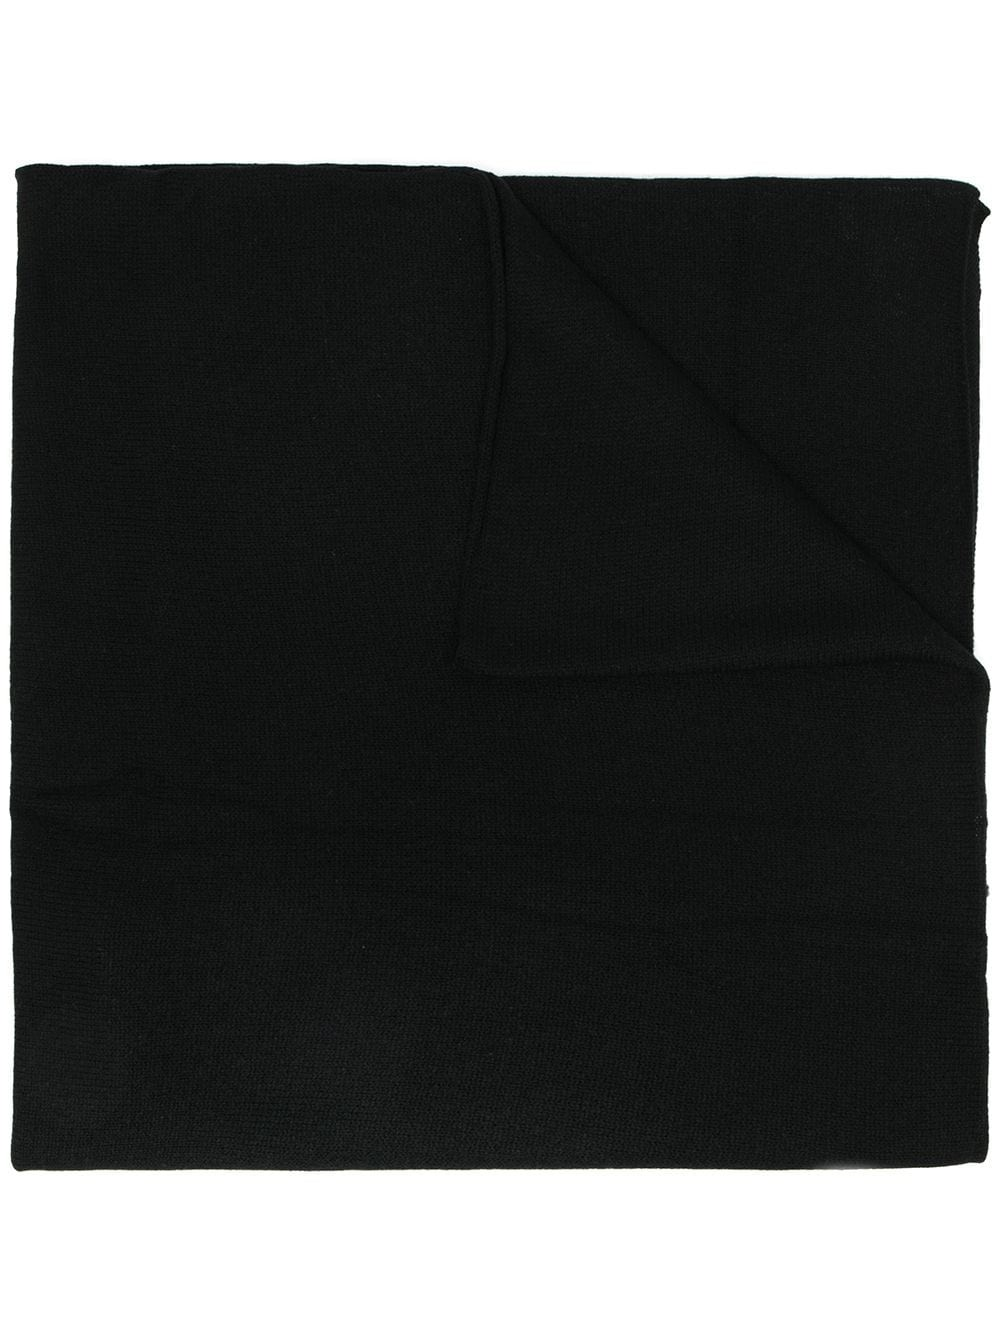 195 11191 0090 BLACK